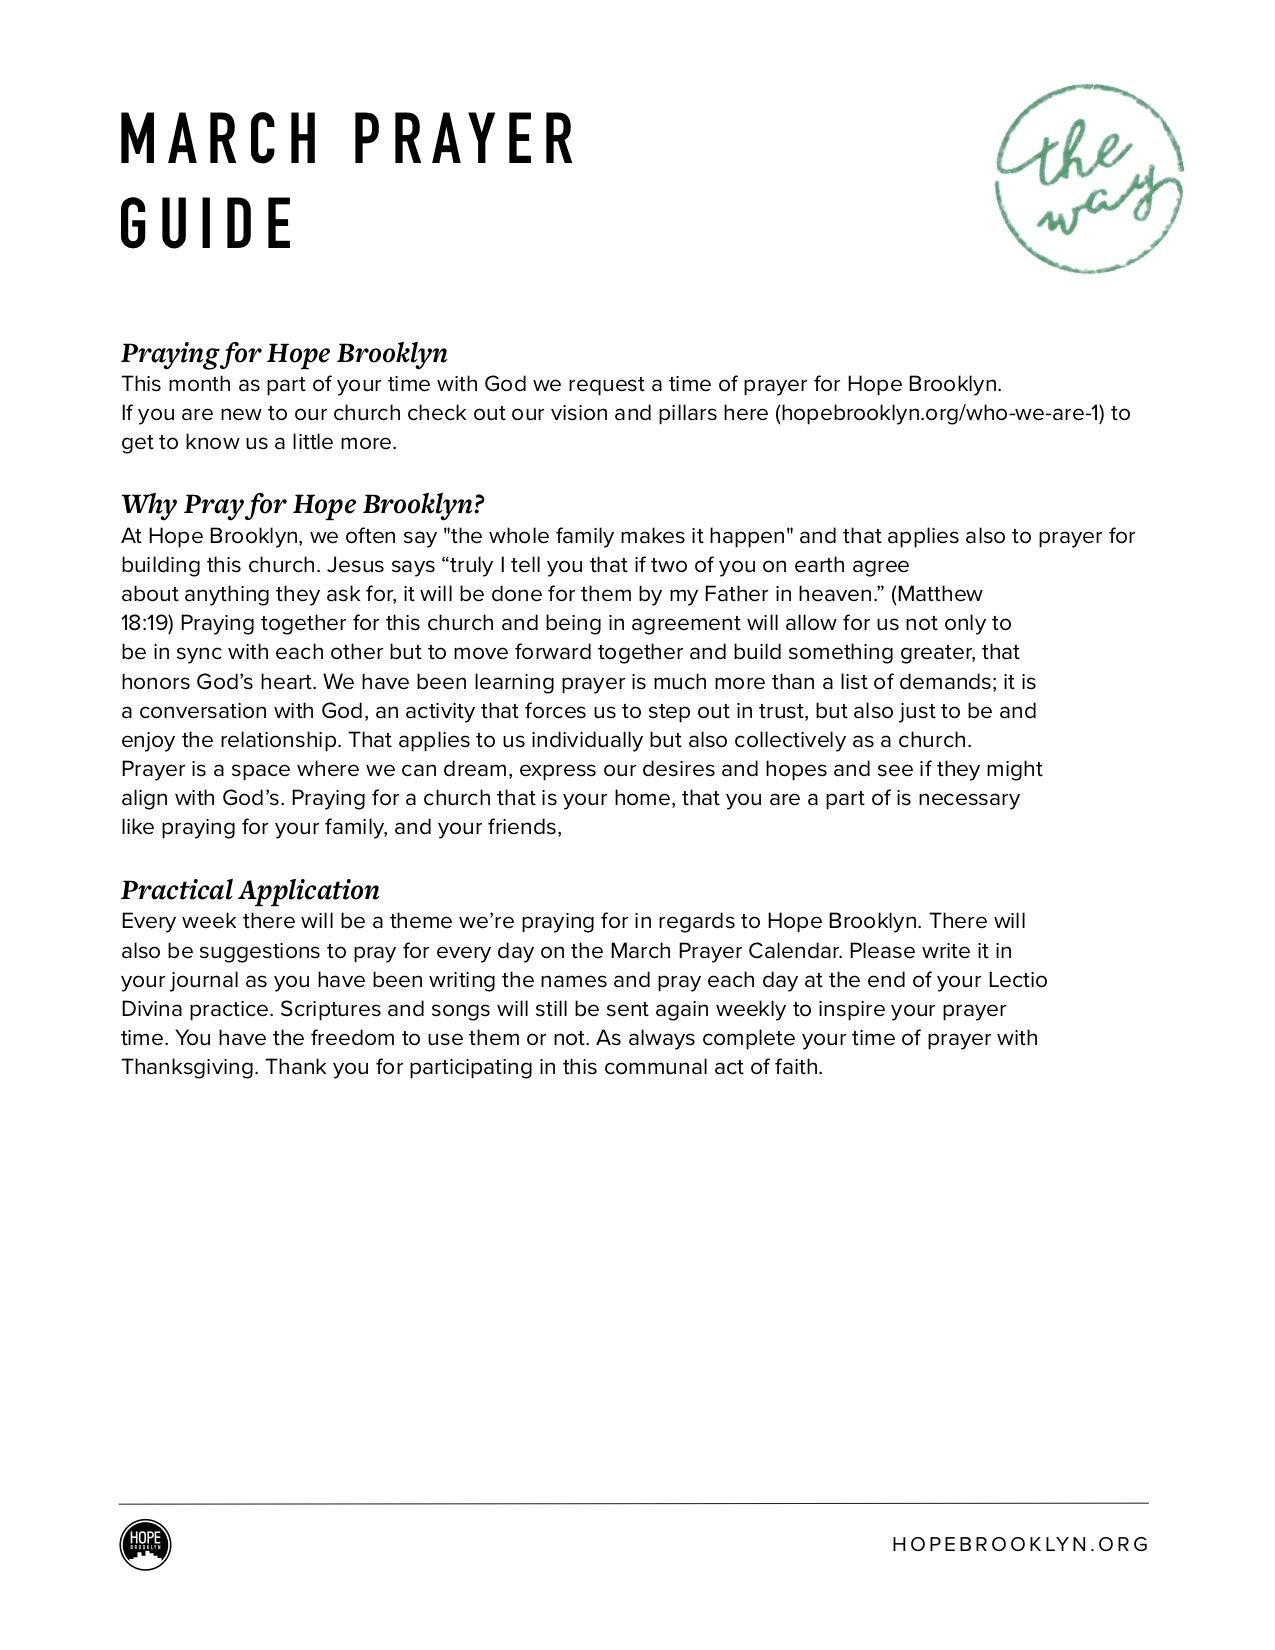 March_Prayer_Guide.jpg